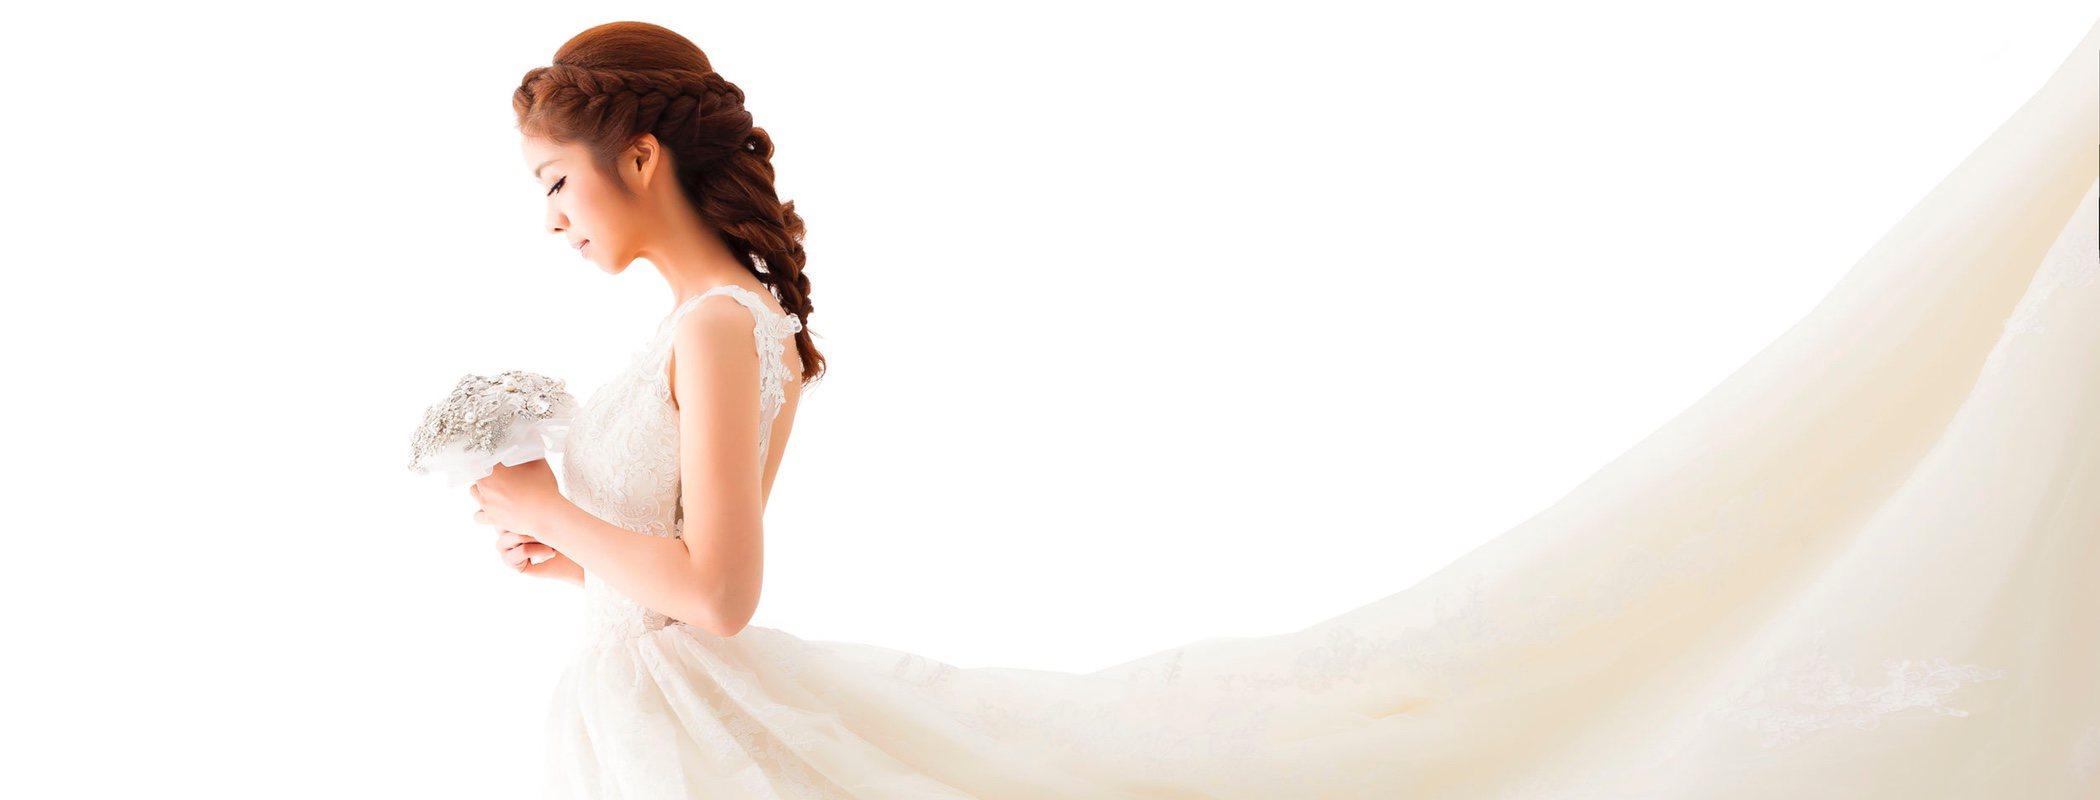 Sologamia: la moda de casarte contigo mismo